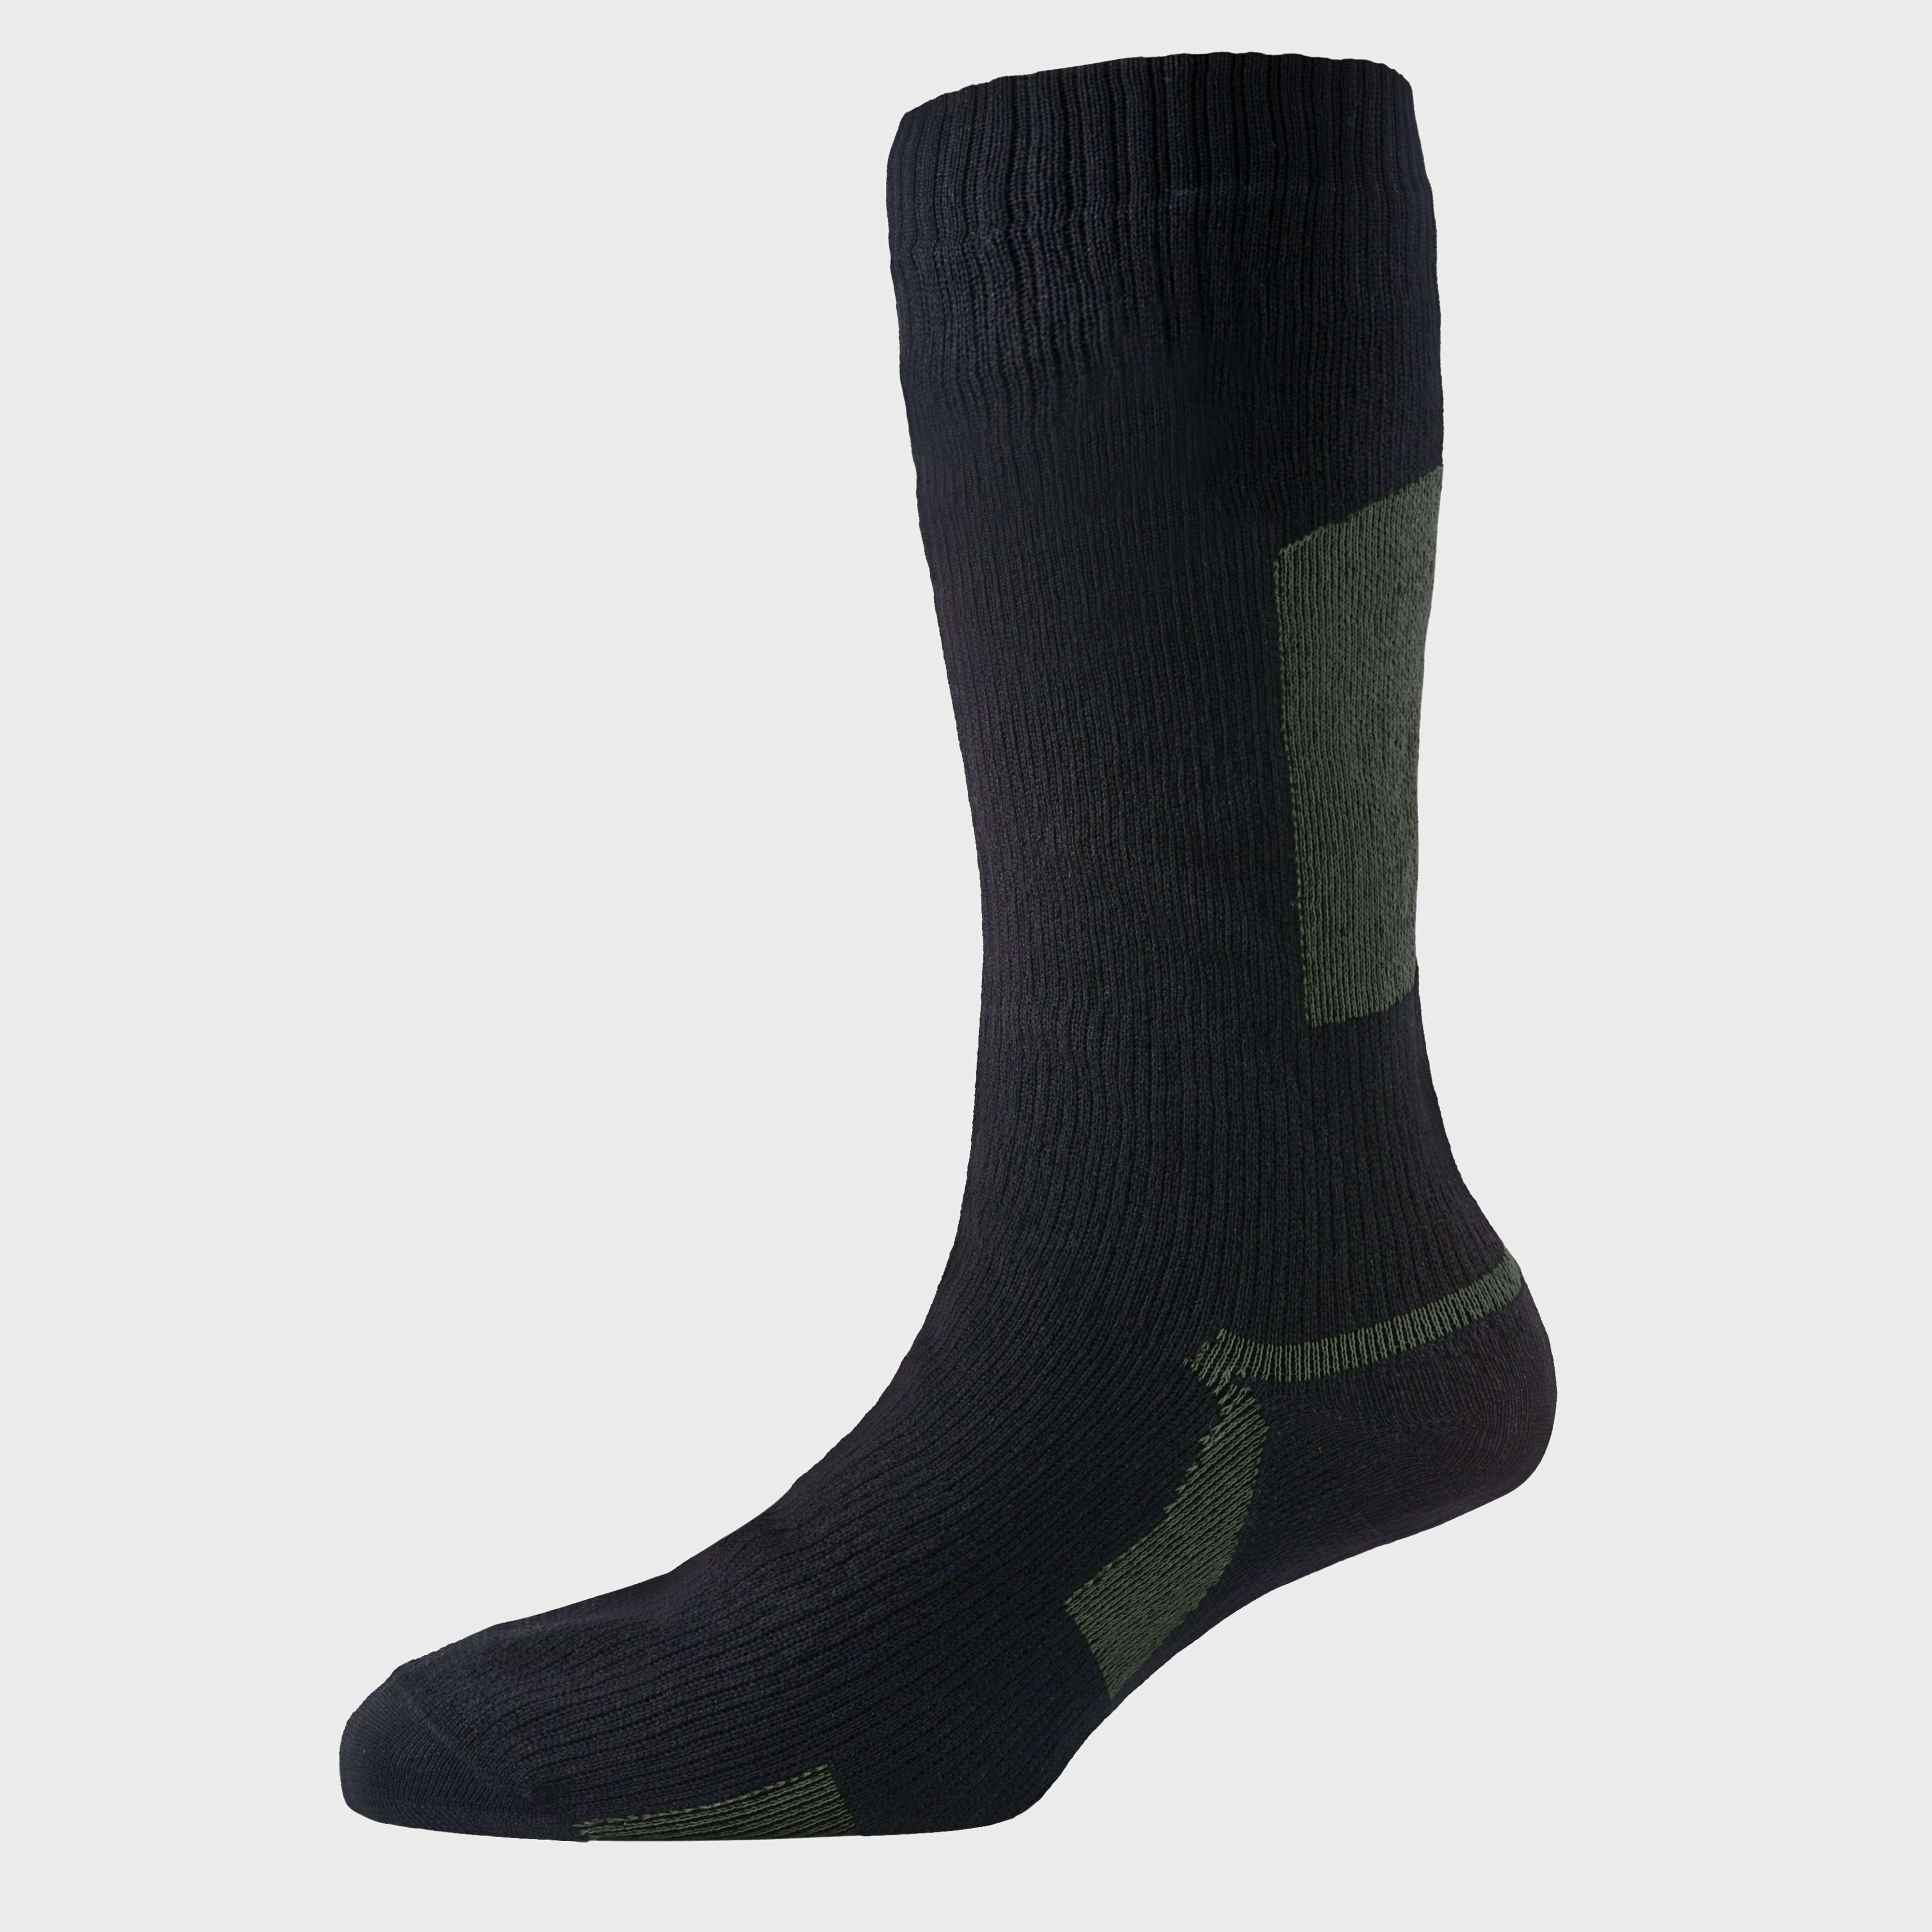 SEALSKINZ Waterproof Walking Socks